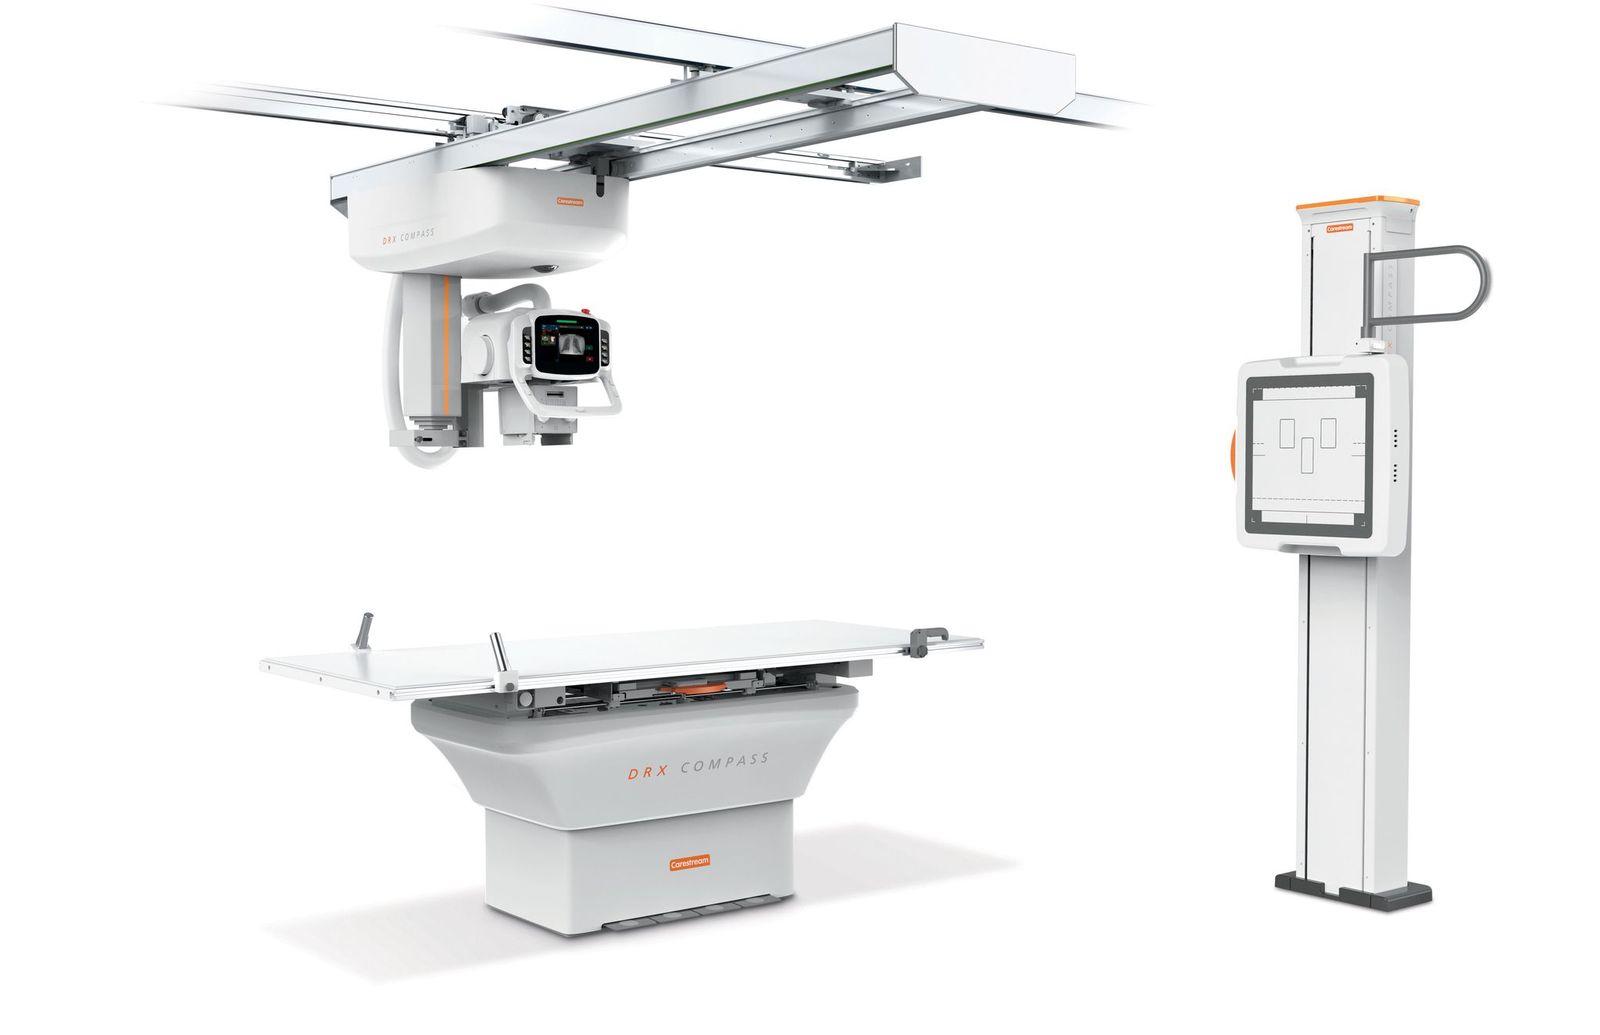 Imagen: El sistema de rayos X, DRX-Compass b (Fotografía cortesía de Carestream)